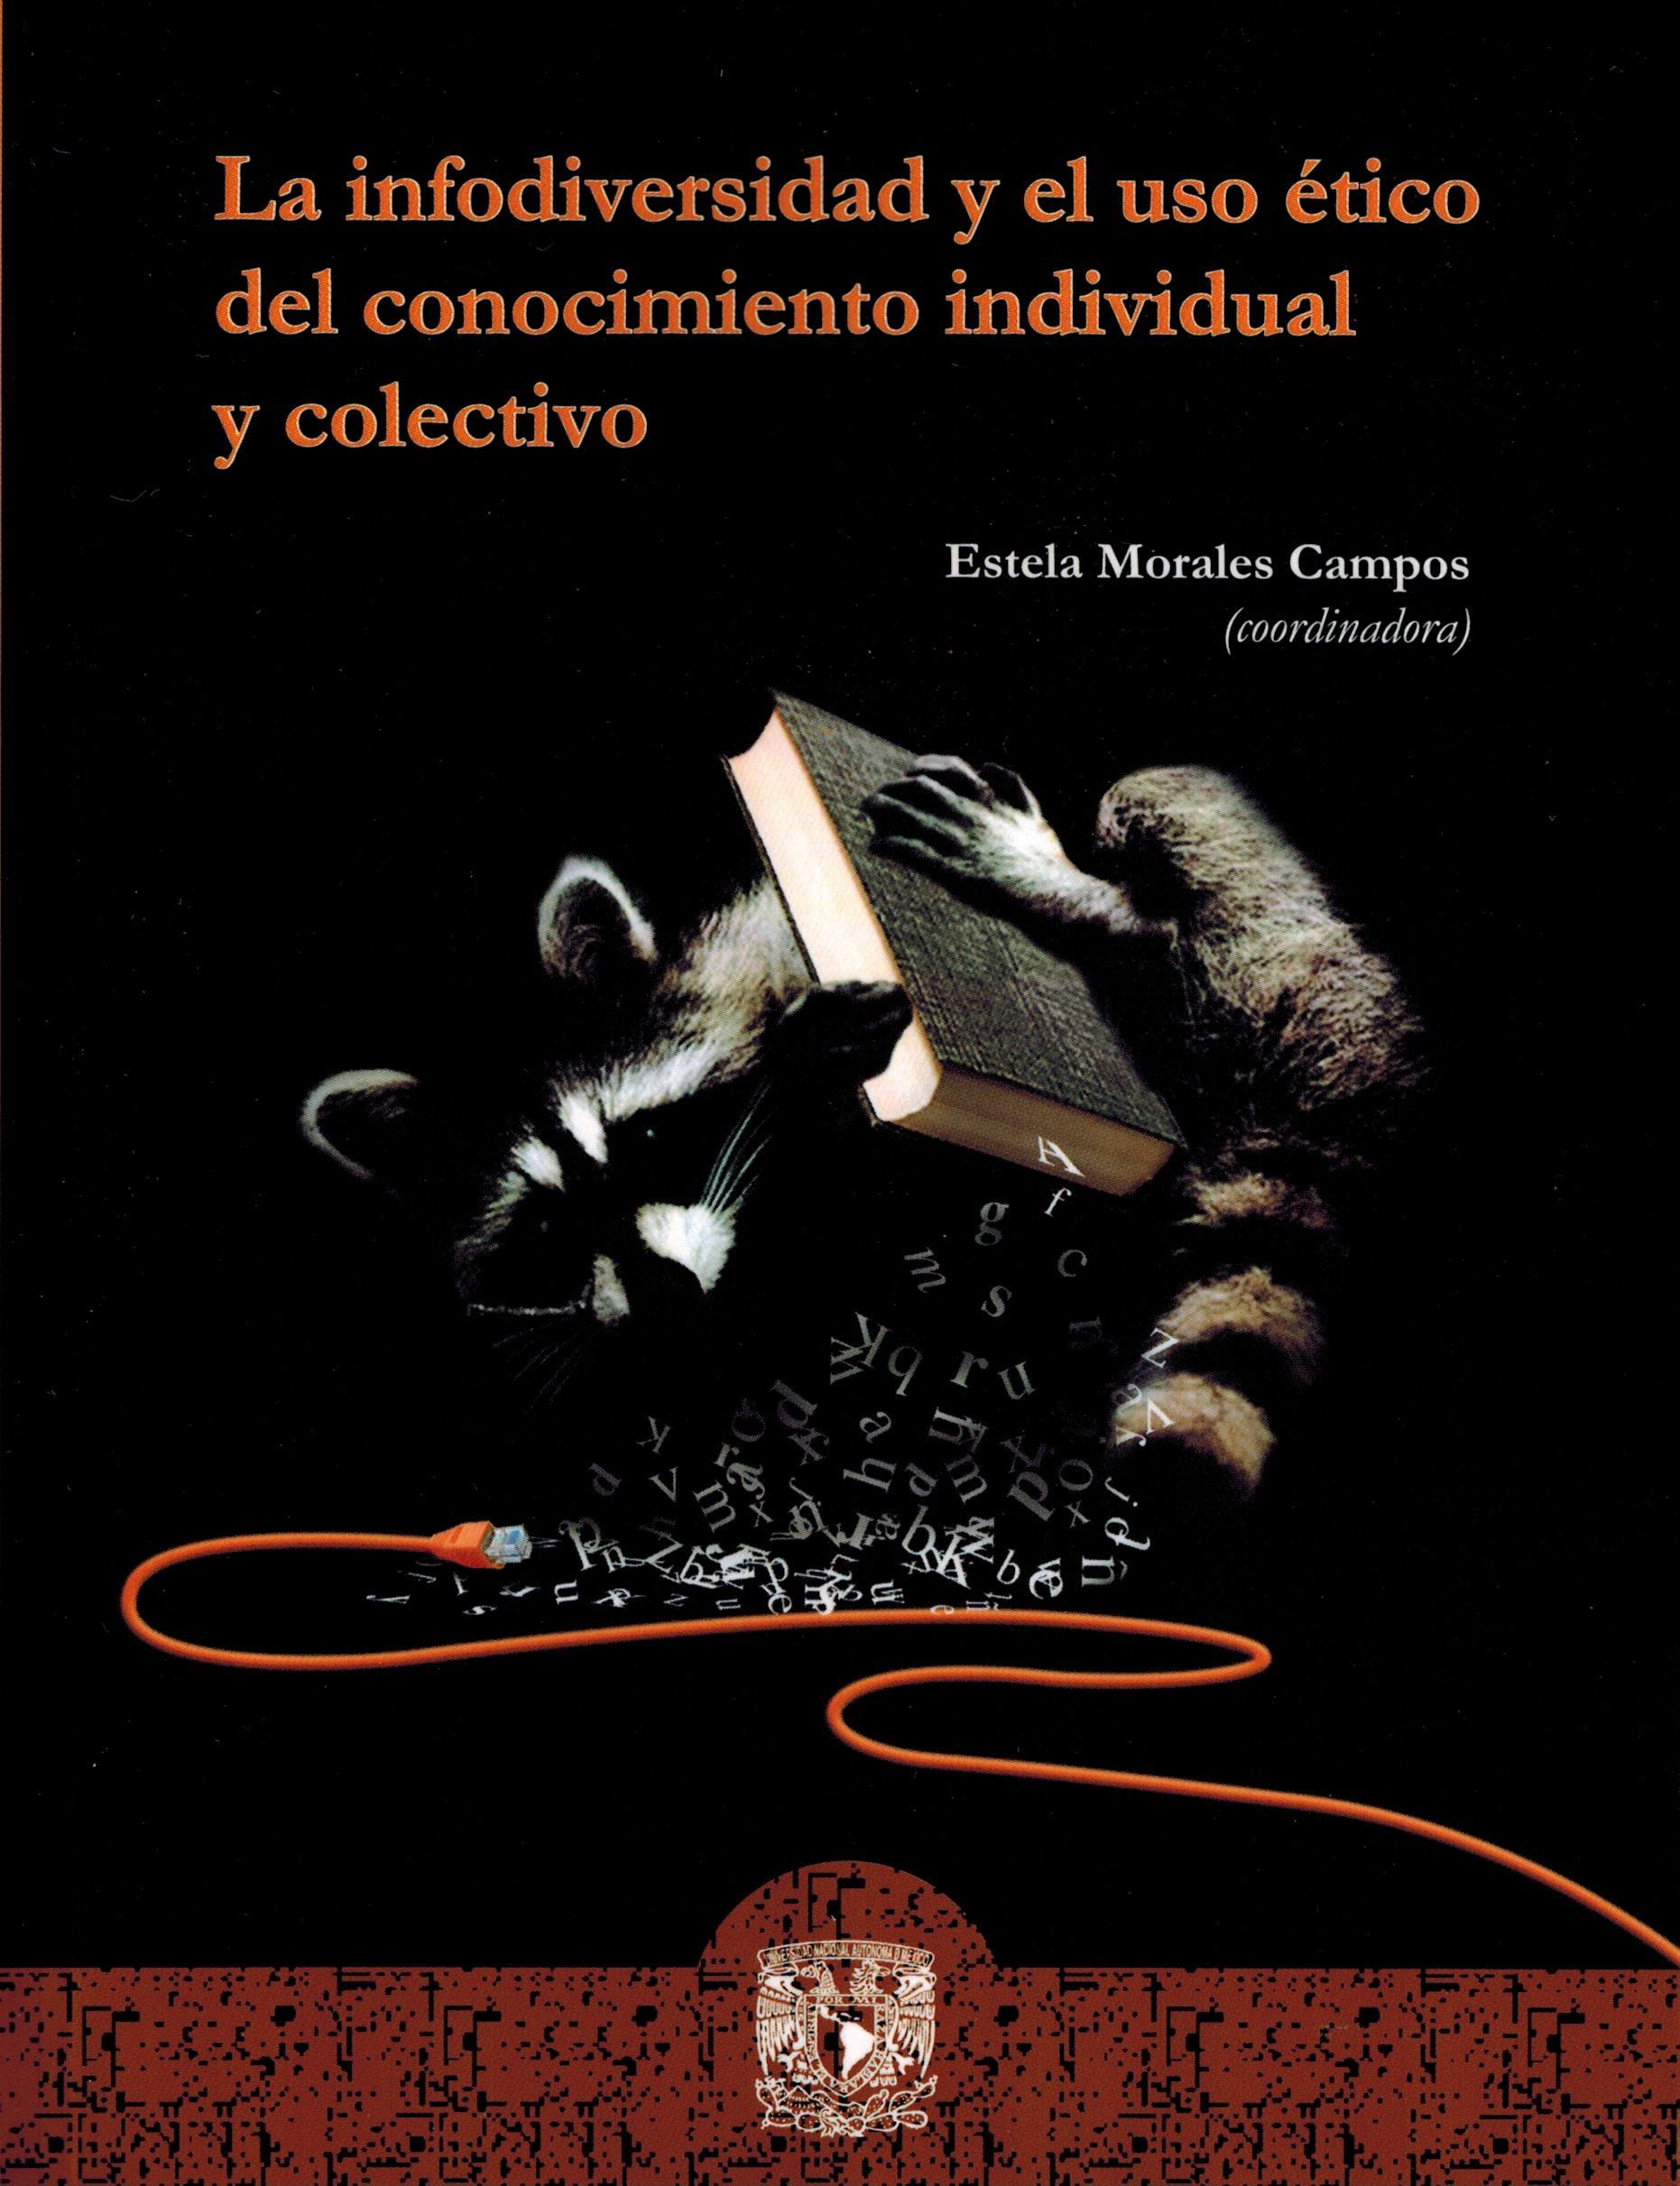 La infodiversidad y el uso ético del conocimiento individual y colectivo